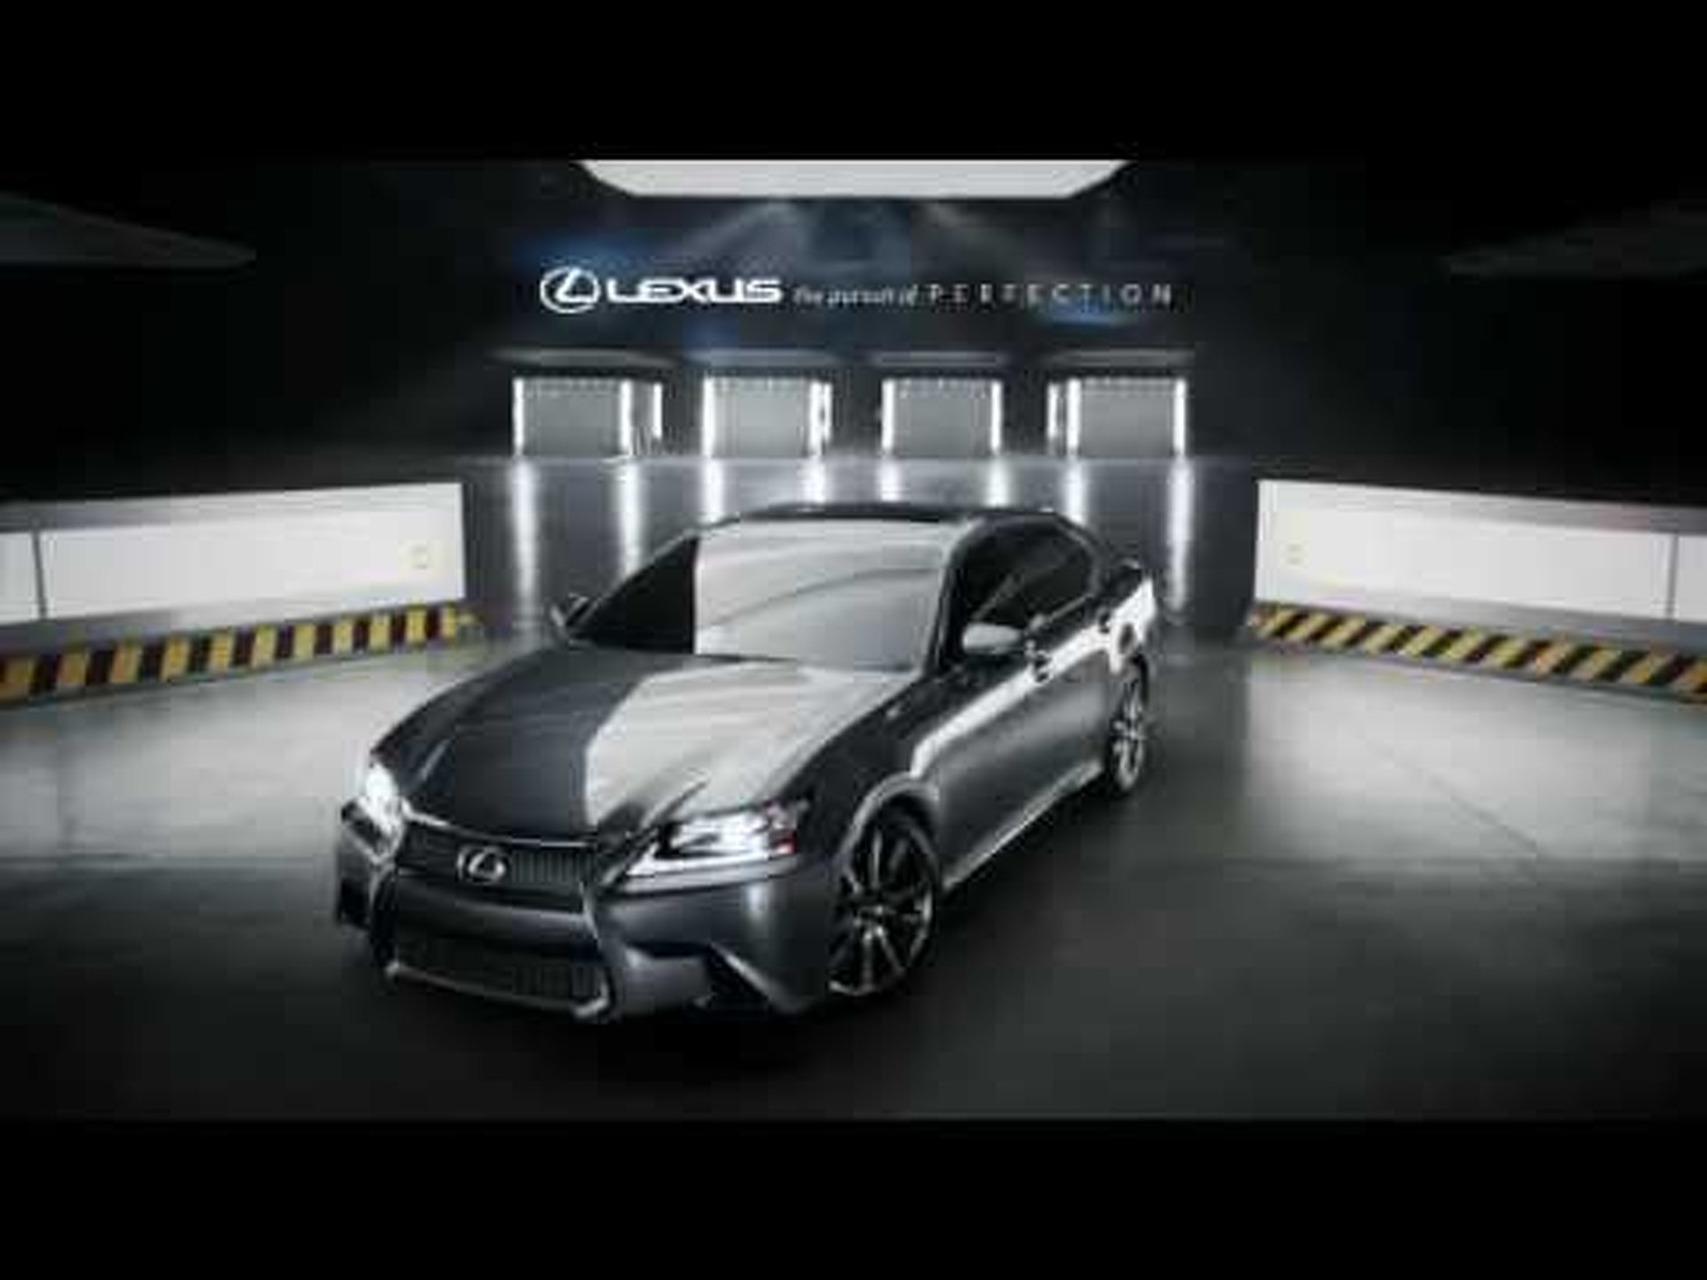 Lexus GS Super Bowl XLVI Commercial - The Beast